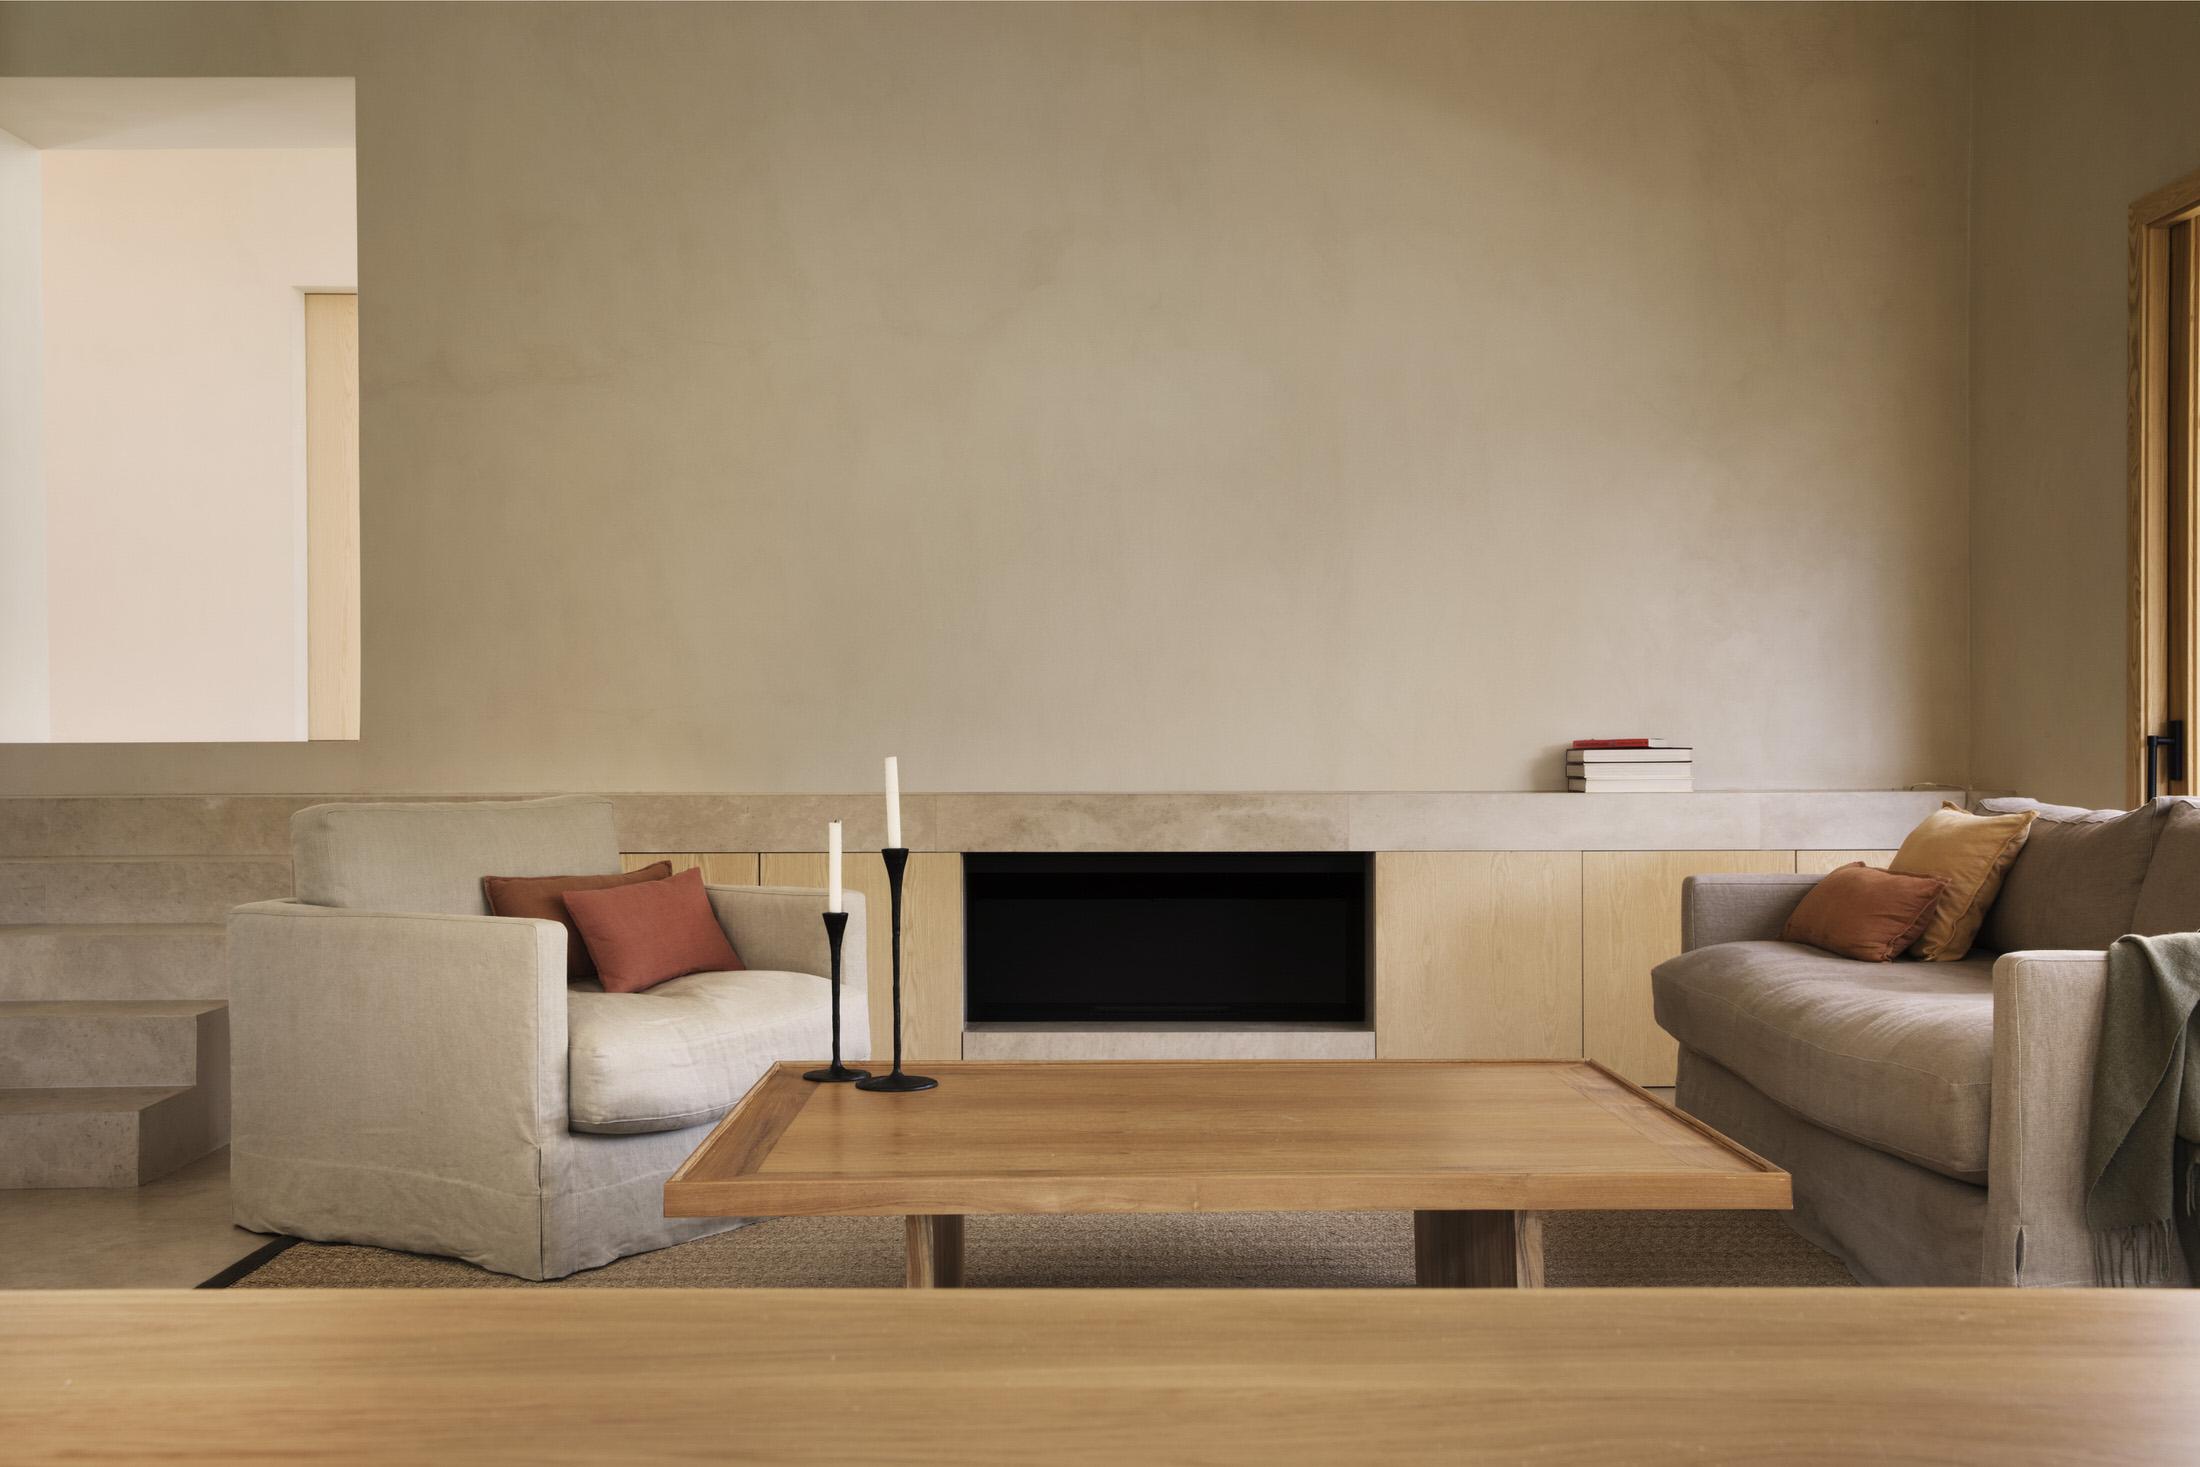 Febrero Studio Casa Marbella Spanish Architecture Photo German Saiz Yellowtrace 22